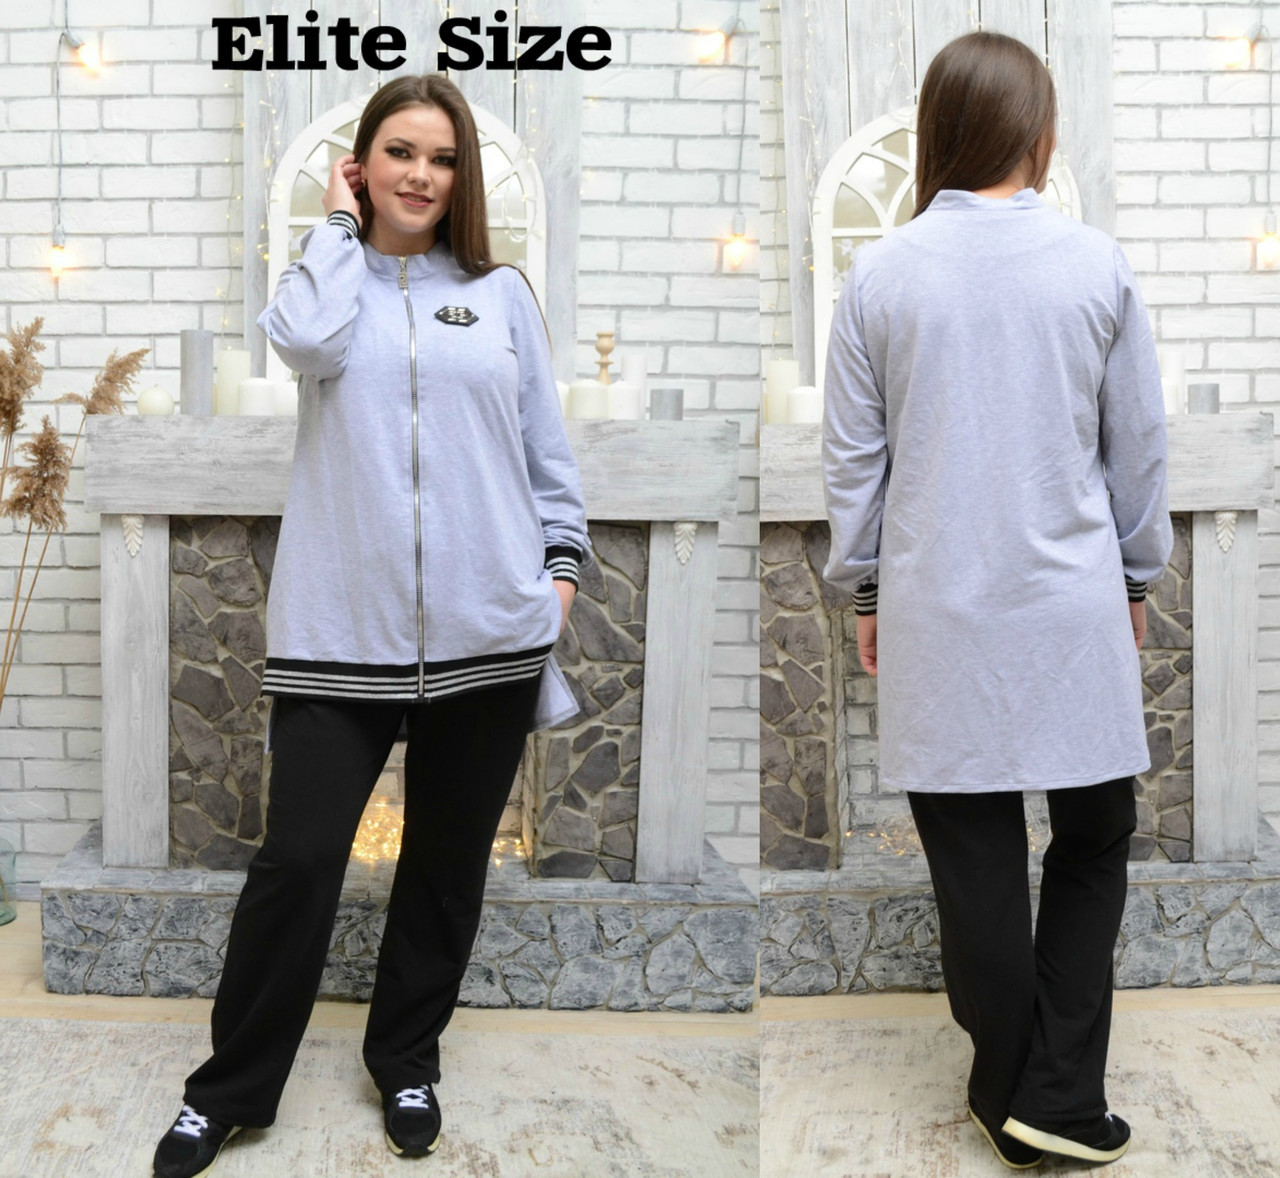 (от 50 до 60 размера) Спортивный женский костюм в больших размерах с удлиненной кофтой vN930